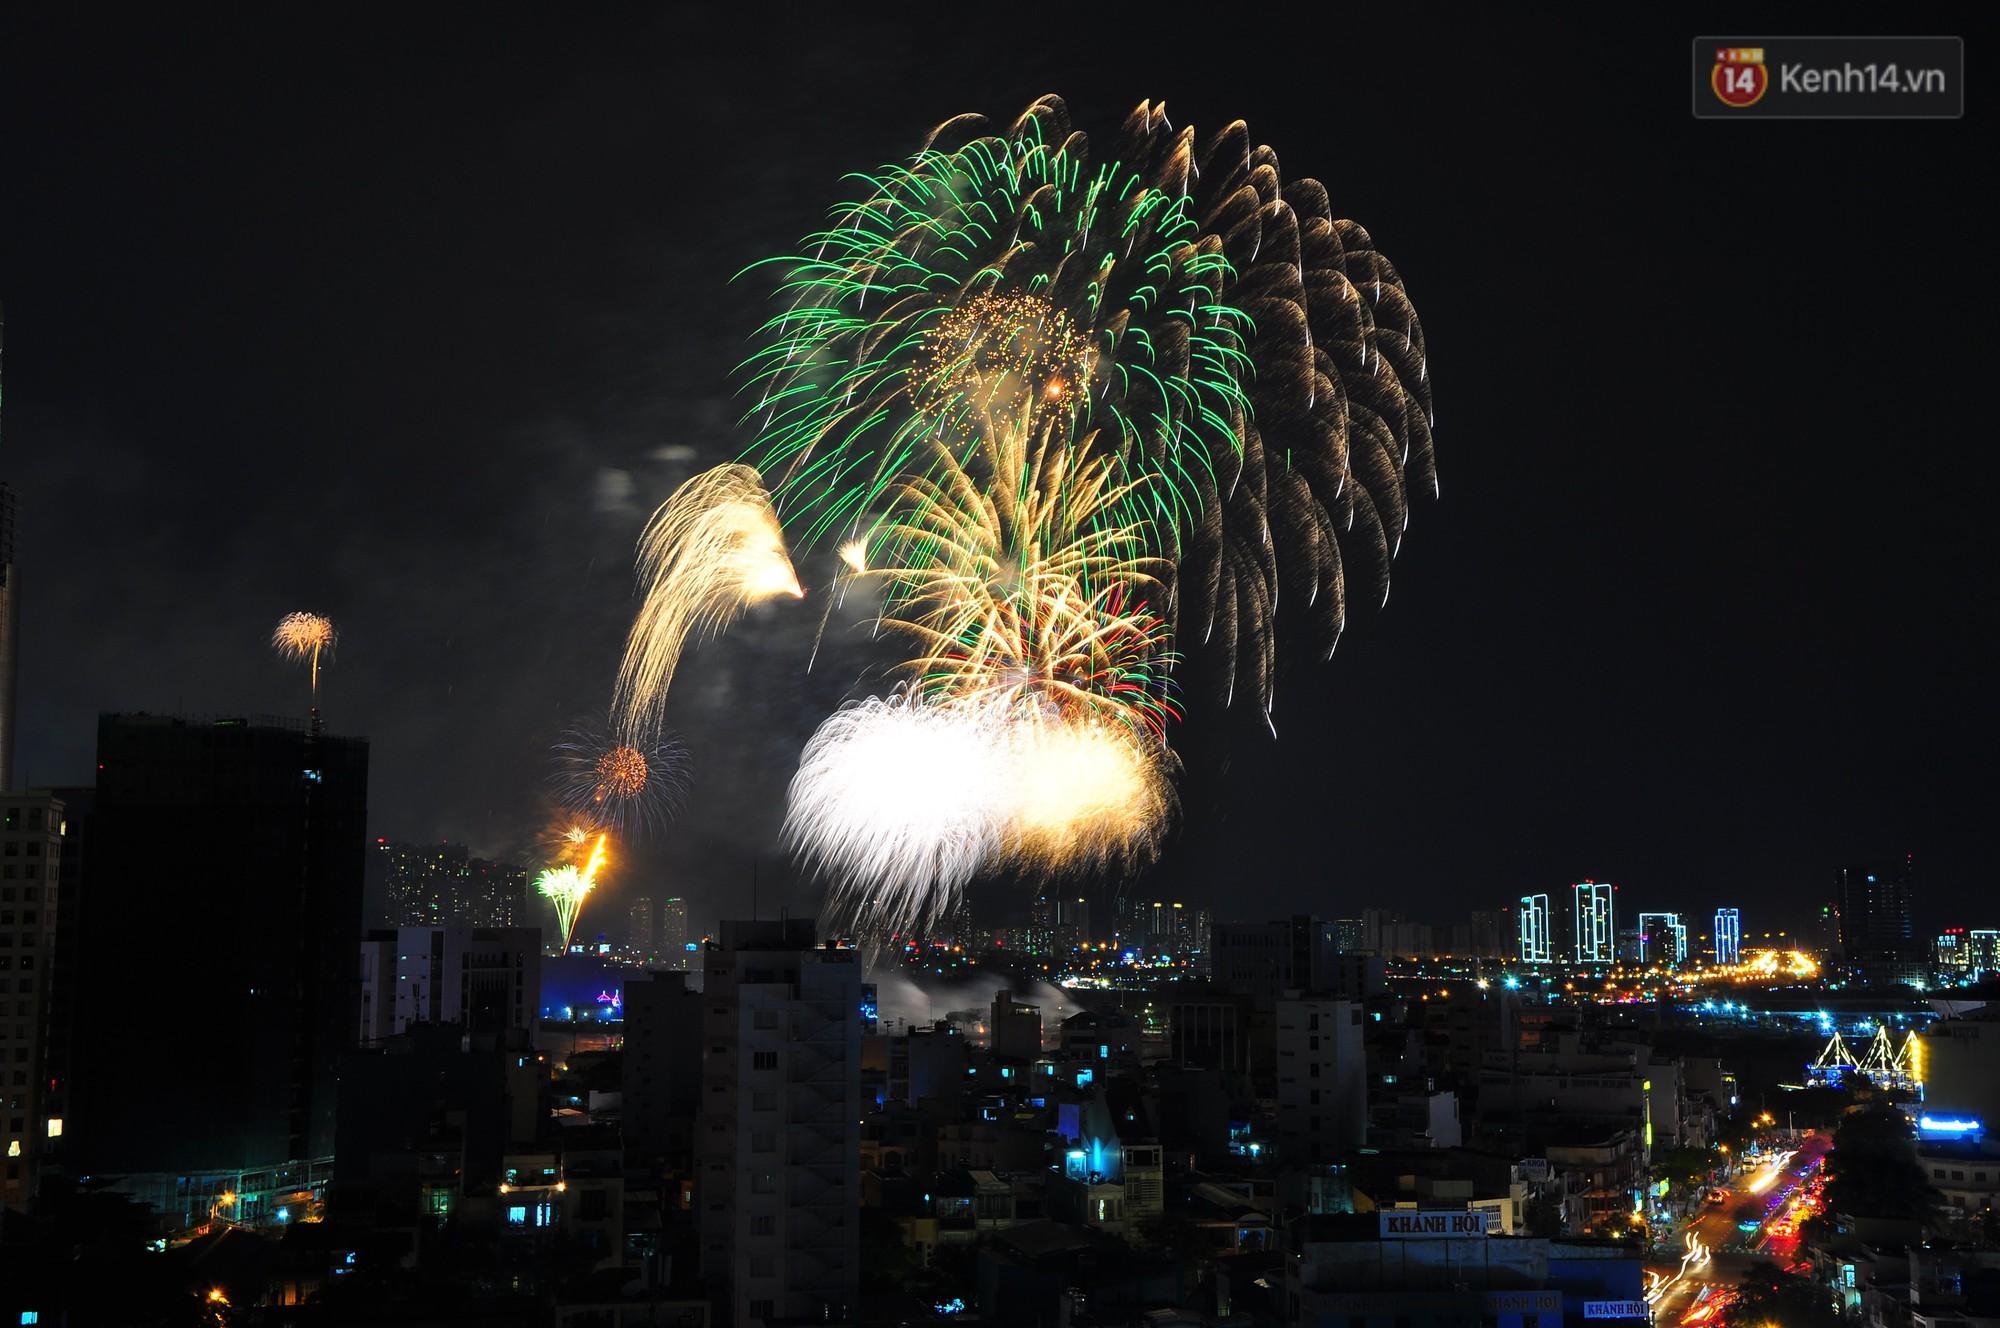 Loạt pháo hoa đẹp rực rỡ trên bầu trời Sài Gòn mừng 44 năm Giải phóng miền Nam thống nhất đất nước - Ảnh 5.